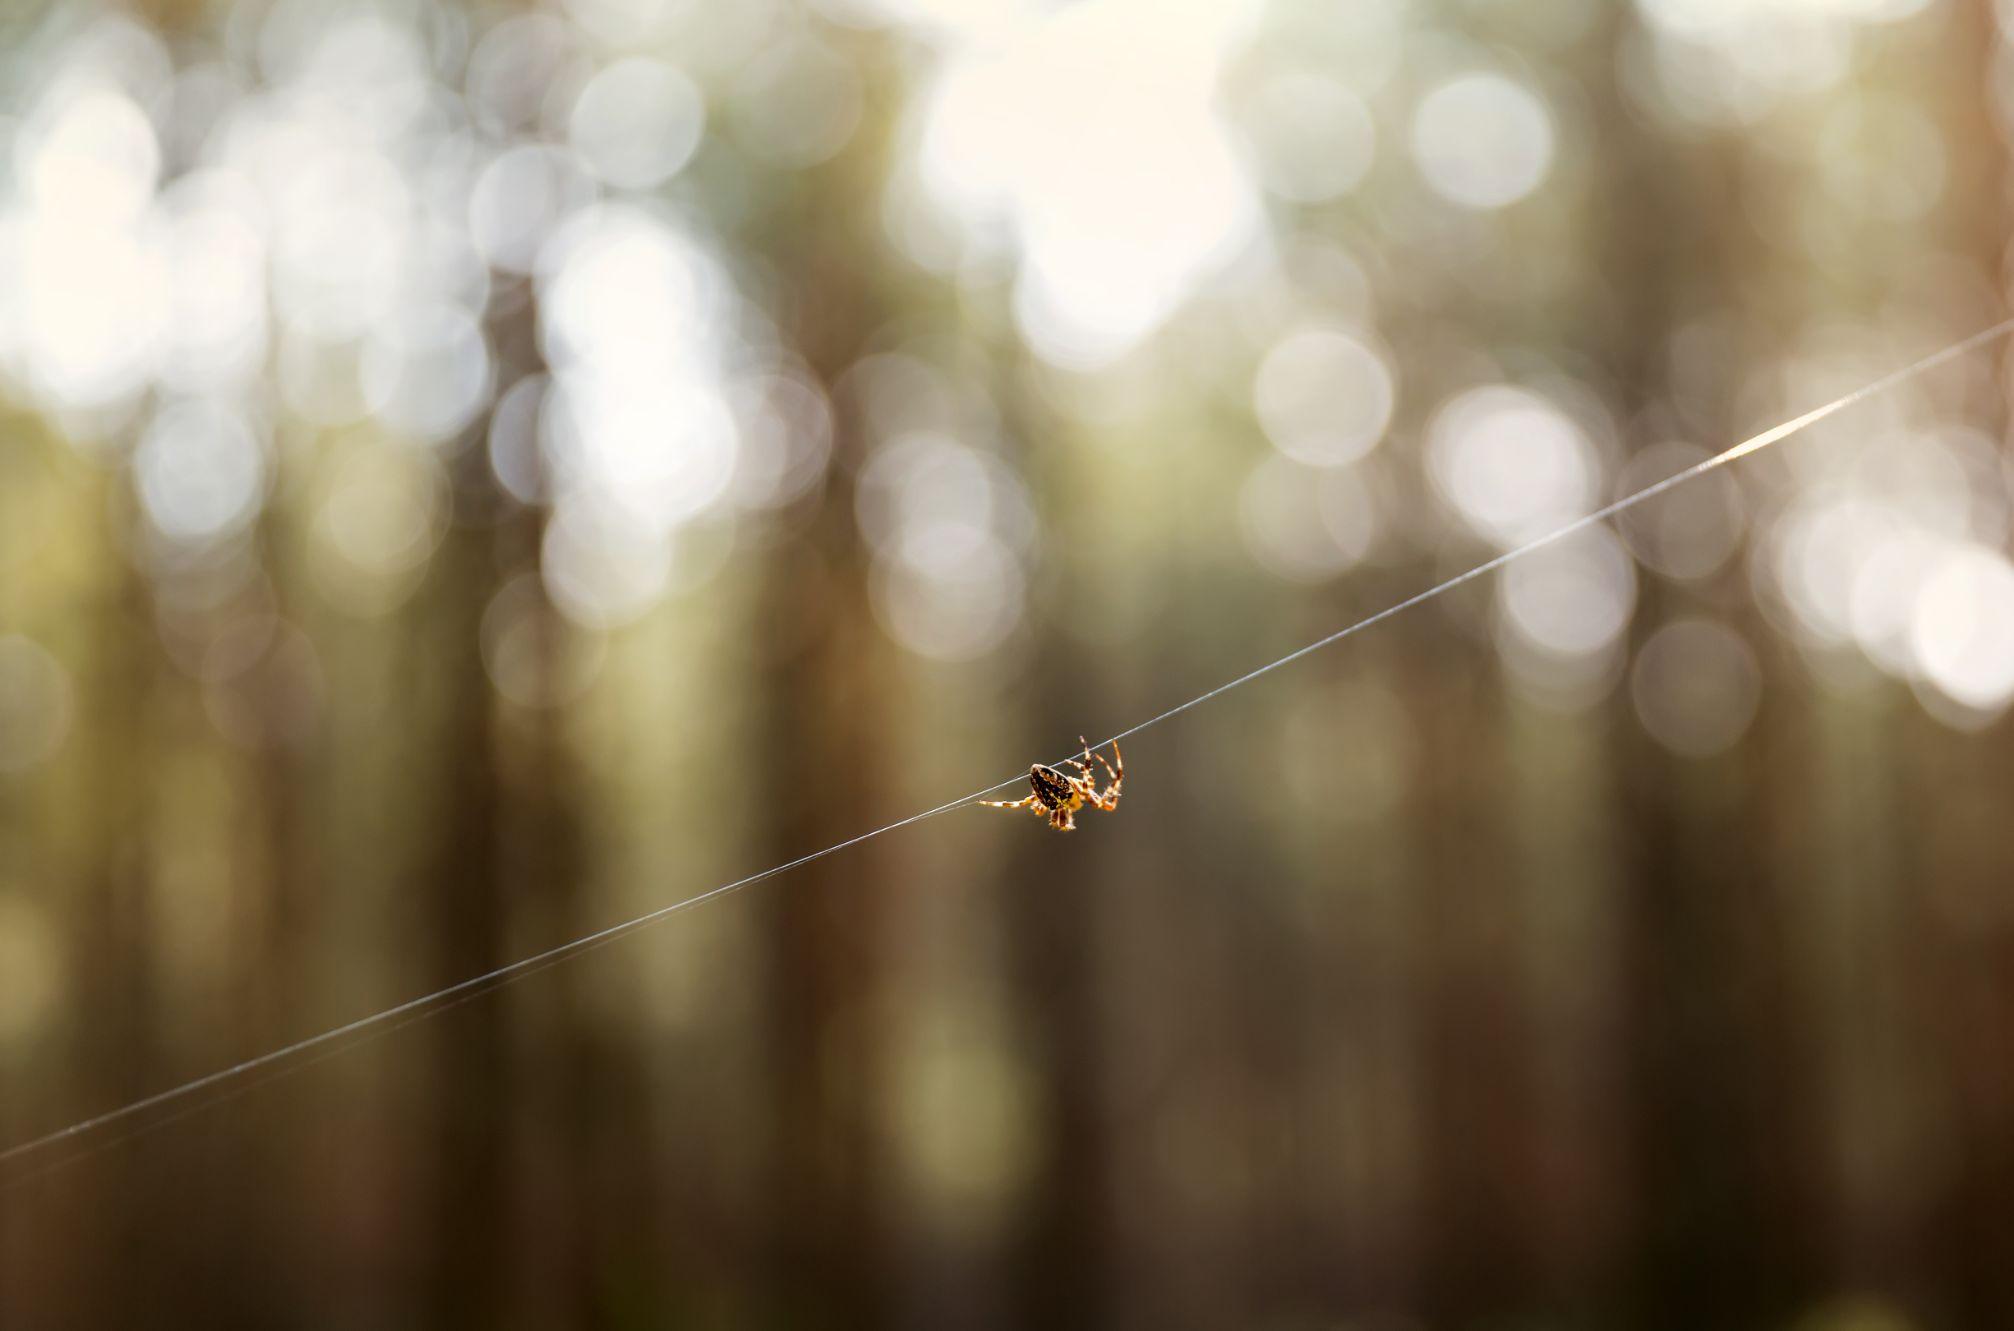 spider MRSZ